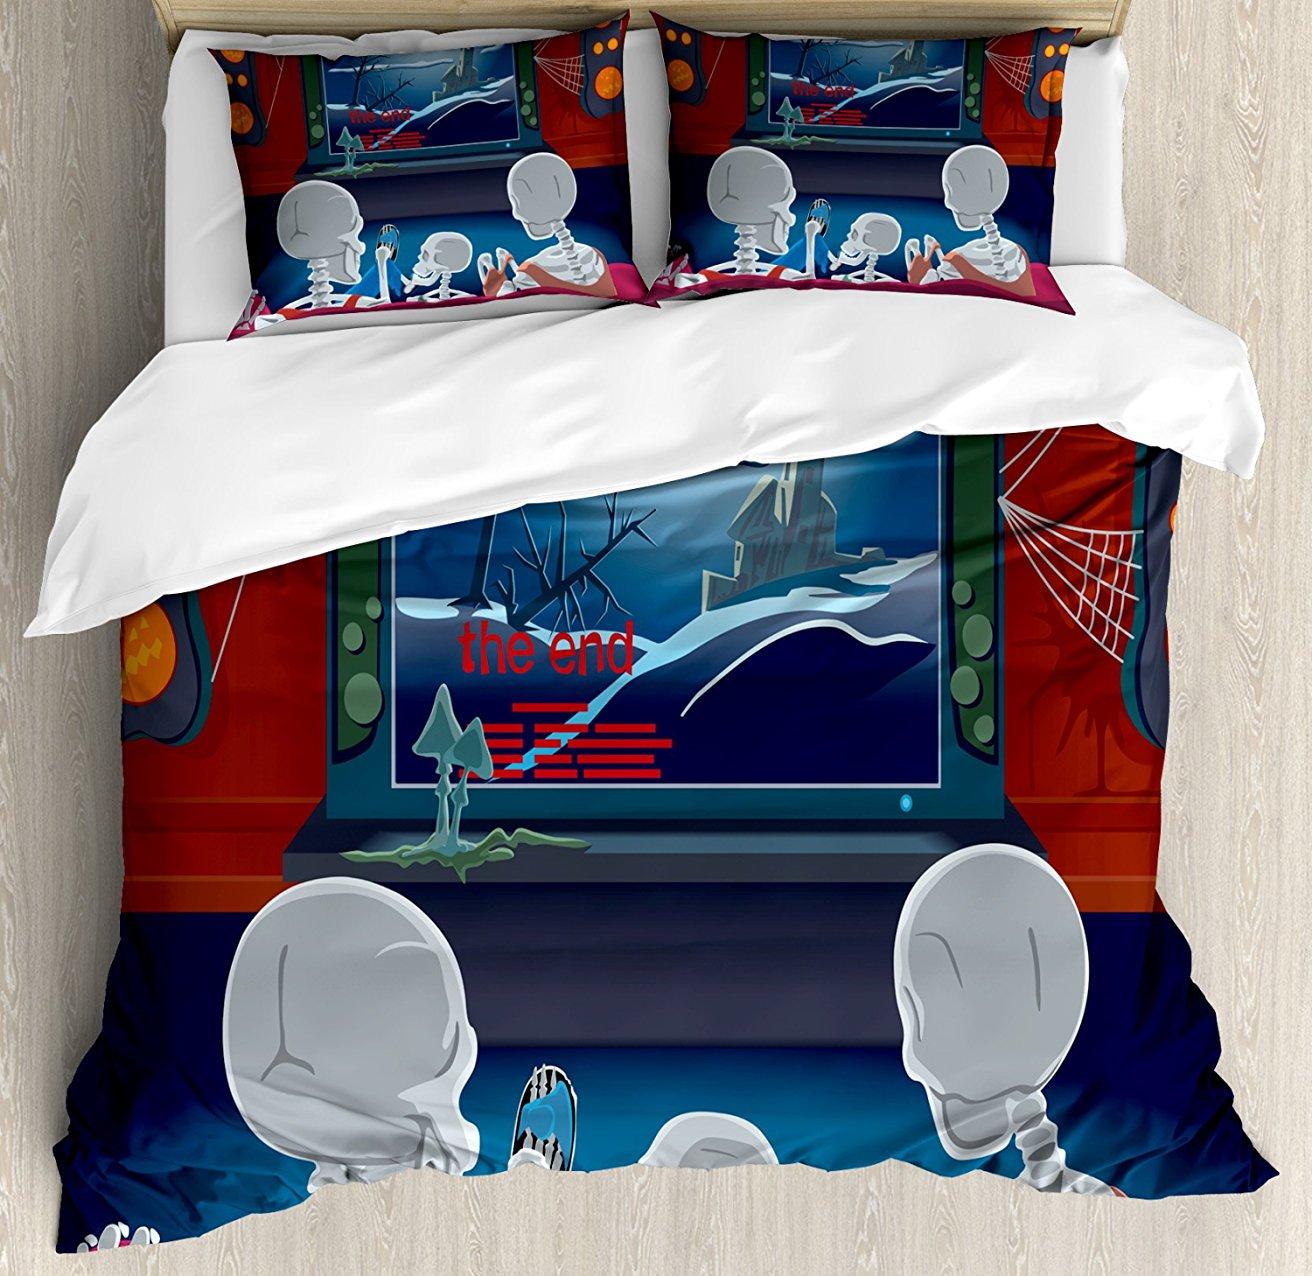 Фильм Театр постельное белье Семья скелетов сидя на диване и наблюдая фантастический фильм дома 4 шт. Постельное белье